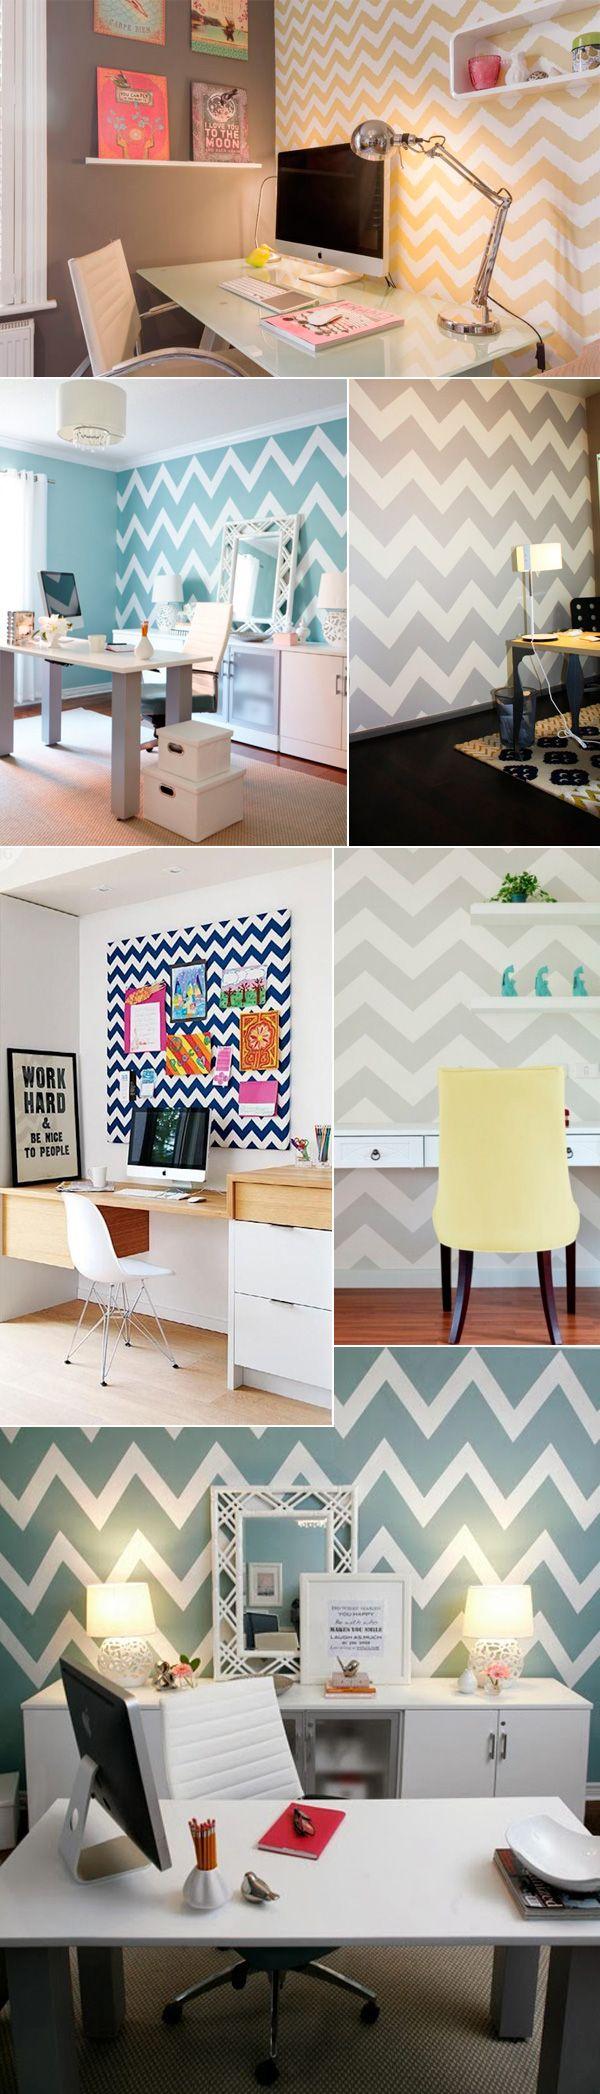 Superbe Decoração Home Office Com Papel De Parede Chevron Zig Zag Colorido. Mais